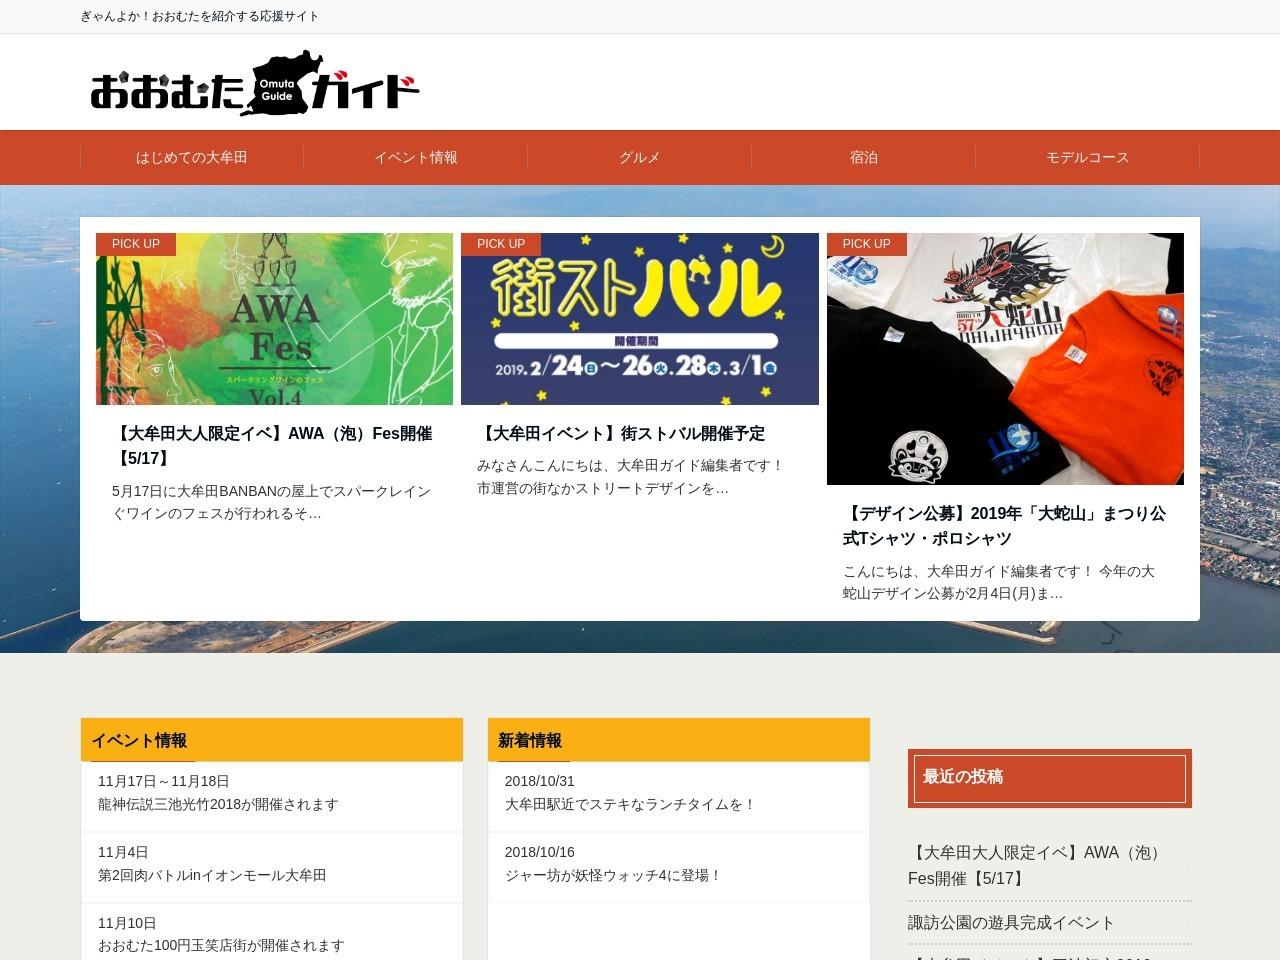 大牟田市復興連合隊 ? 大牟田のシャッター街・老舗の飲食店を盛り上げを目指しています